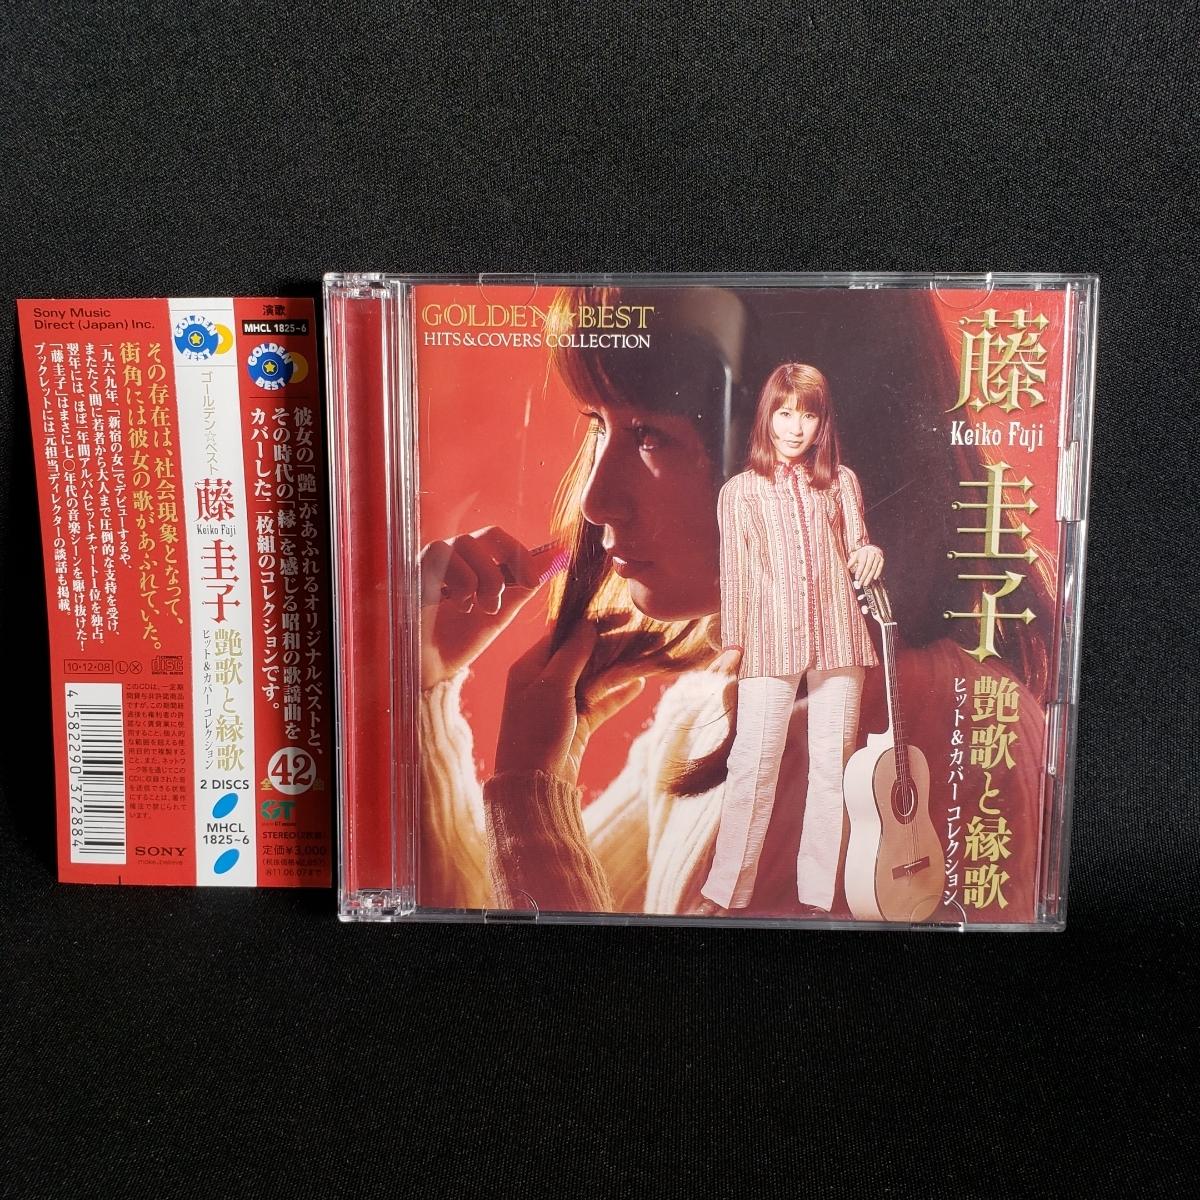 美品 藤圭子 艶歌と縁歌 ゴールデン ベスト ヒット&カバー コレクション CD2枚組 全42曲